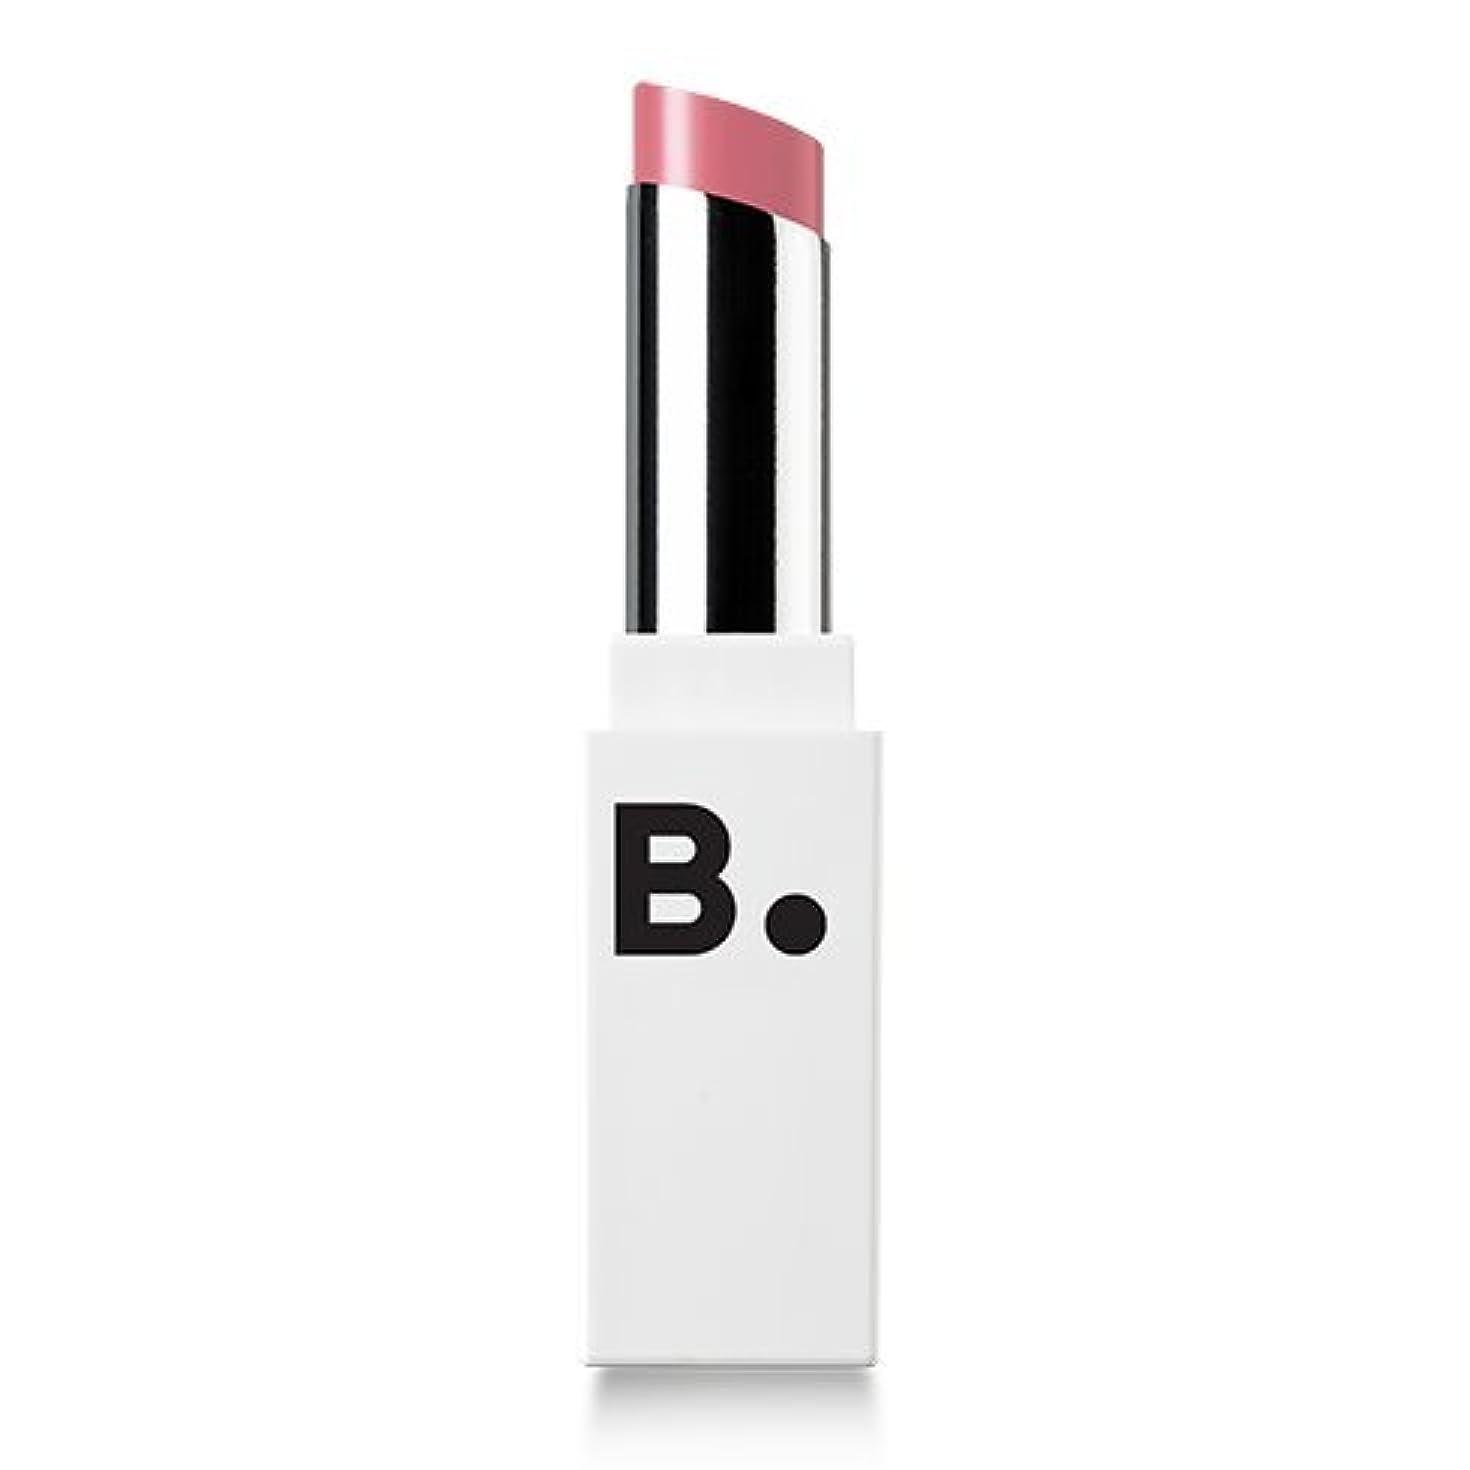 硬い撃退する記者BANILA CO Lip Draw Melting Serum Stick 4.2g/バニラコ リップ ドロー メルティング セラム スティック 4.2g (#SPK04 Hollywood Nude) [並行輸入品]